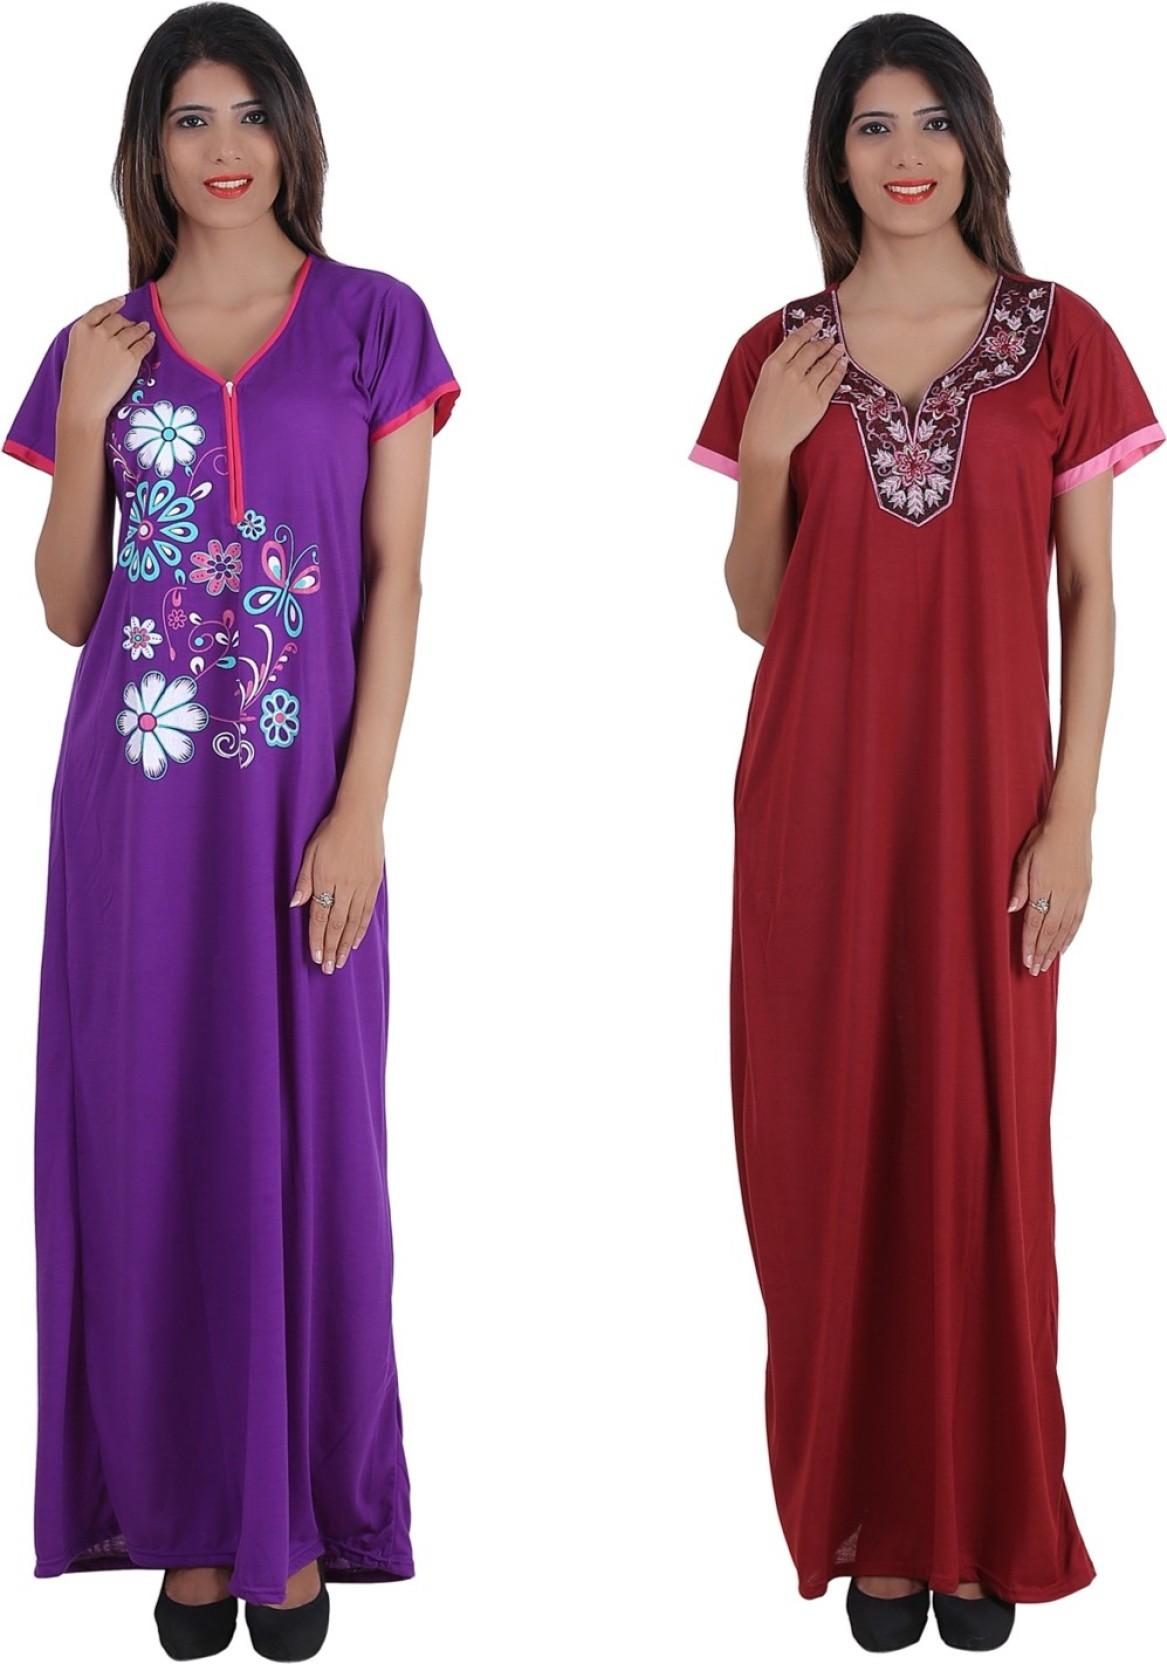 Plus Size Cotton Nighties Online India | Lauren Goss